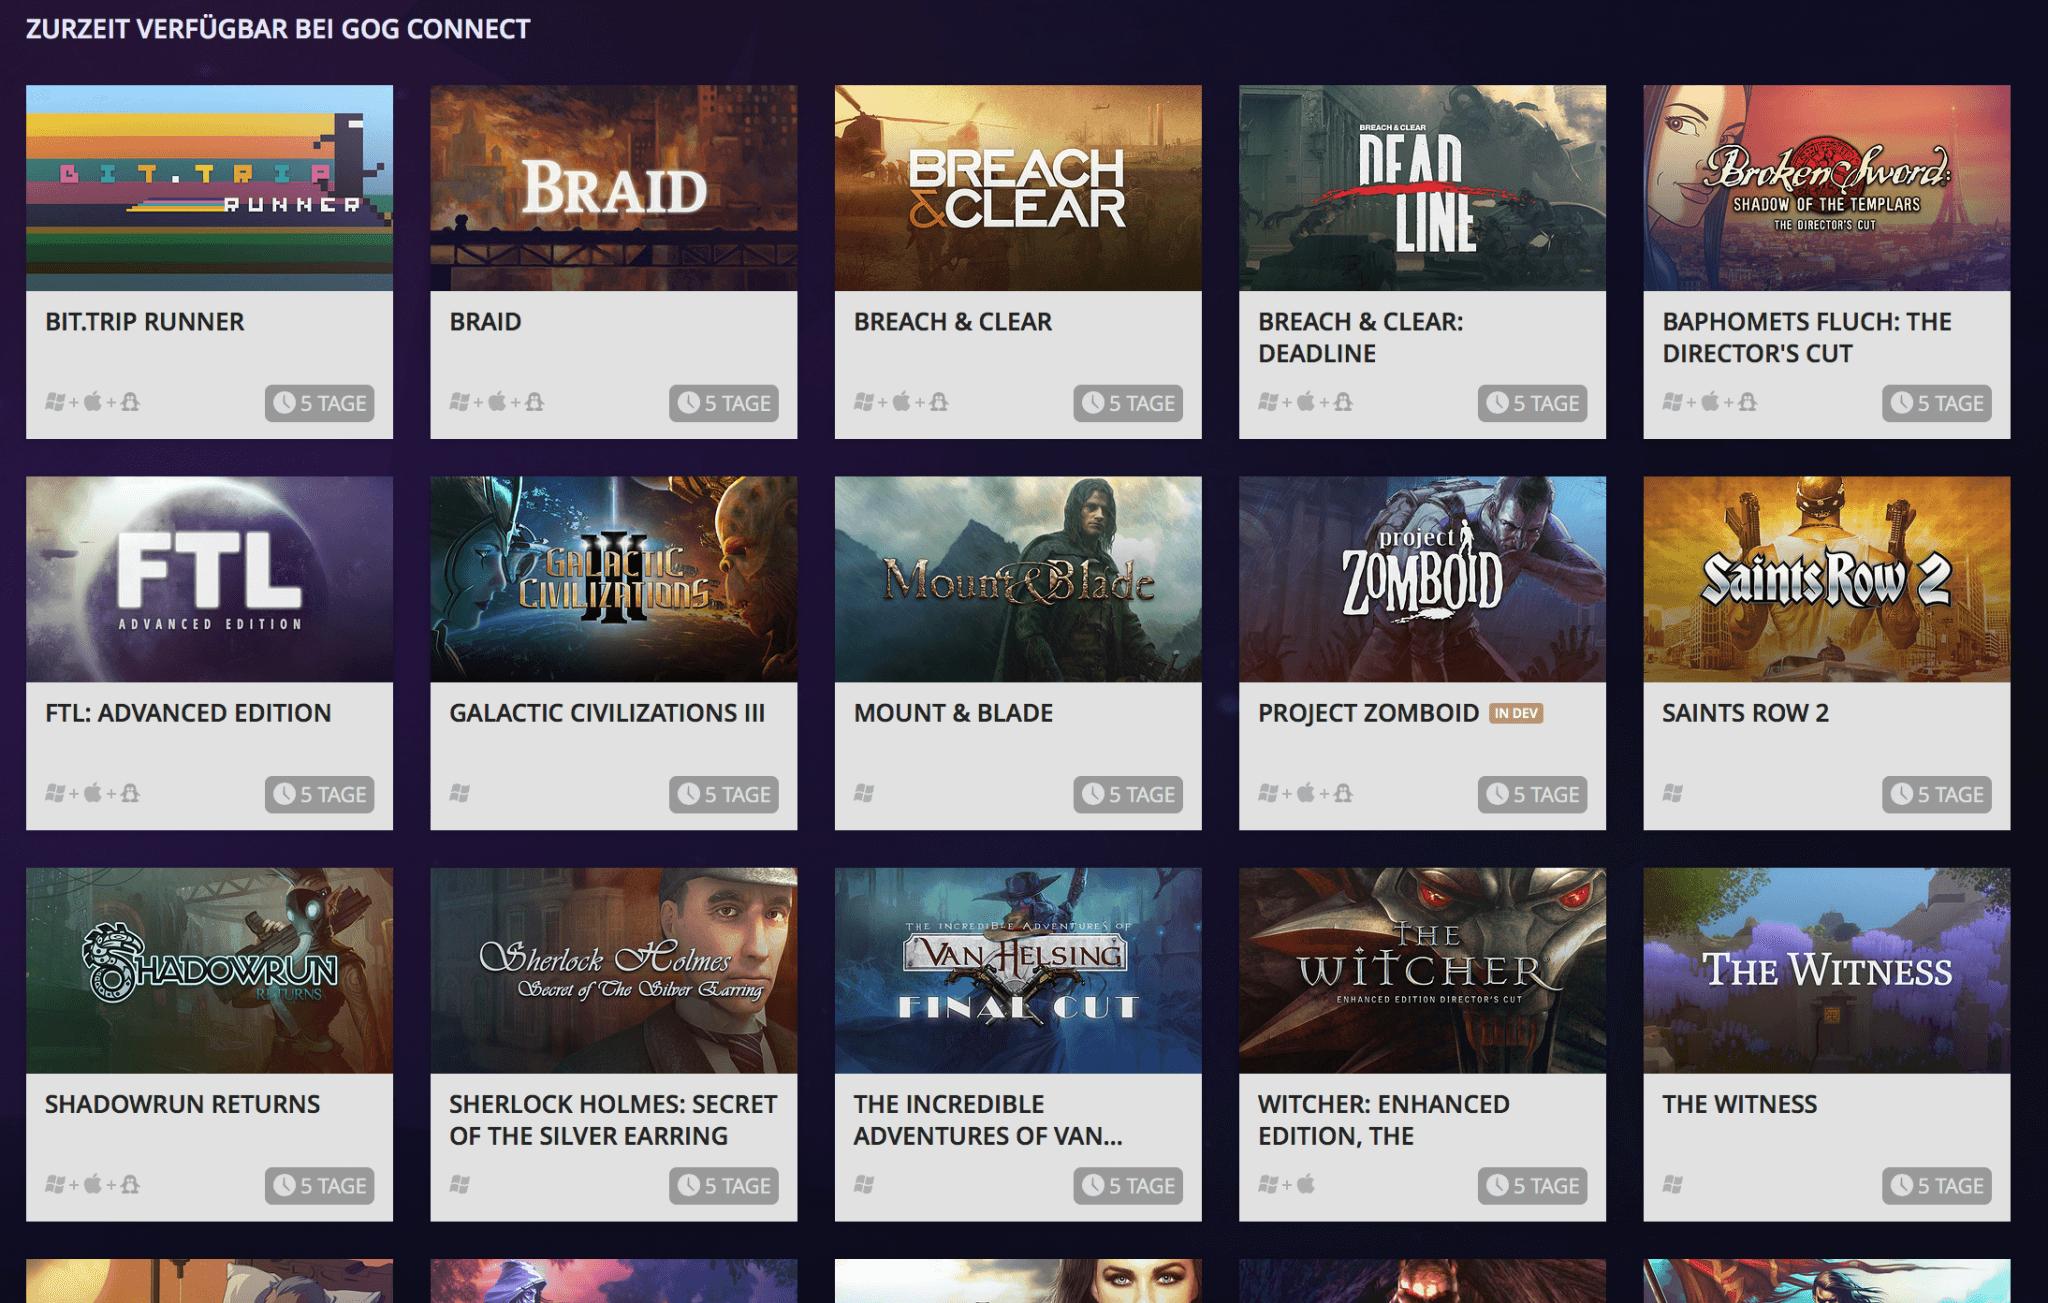 Die ersten über GOG Connect verfügbaren Titel